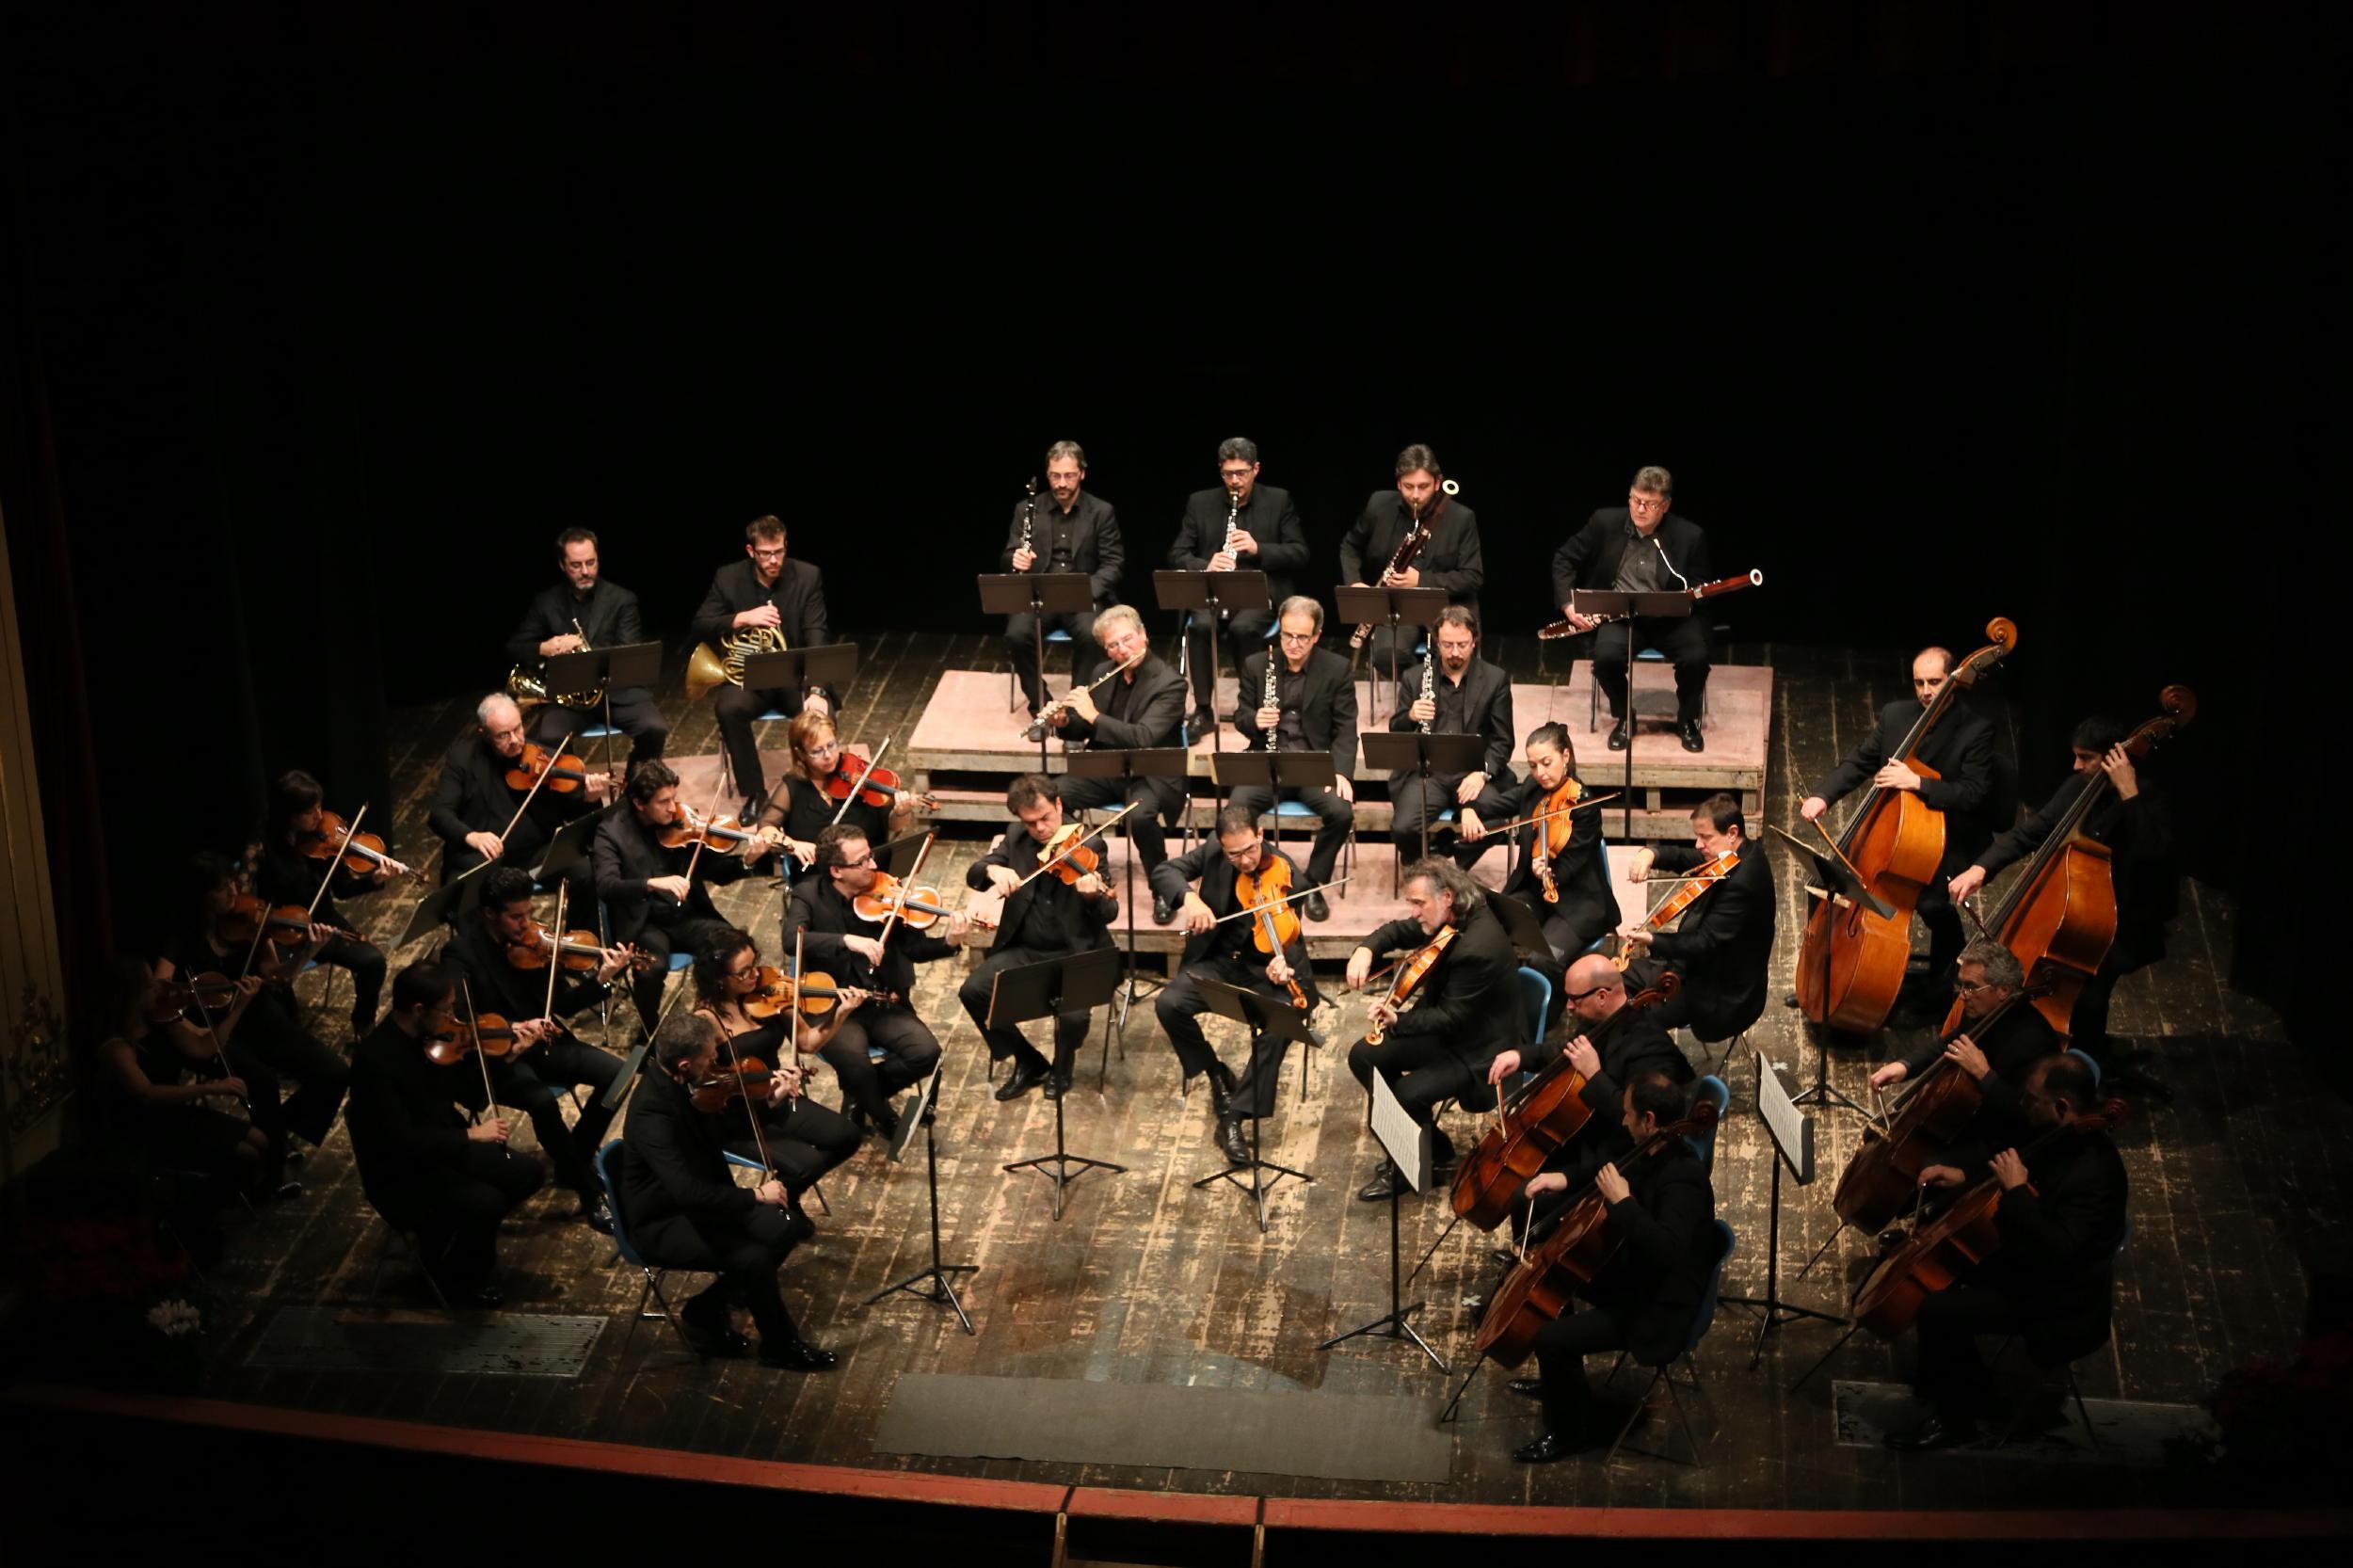 Filarmonica Marchigiana, la stagione sinfonica al Lauro Rossi